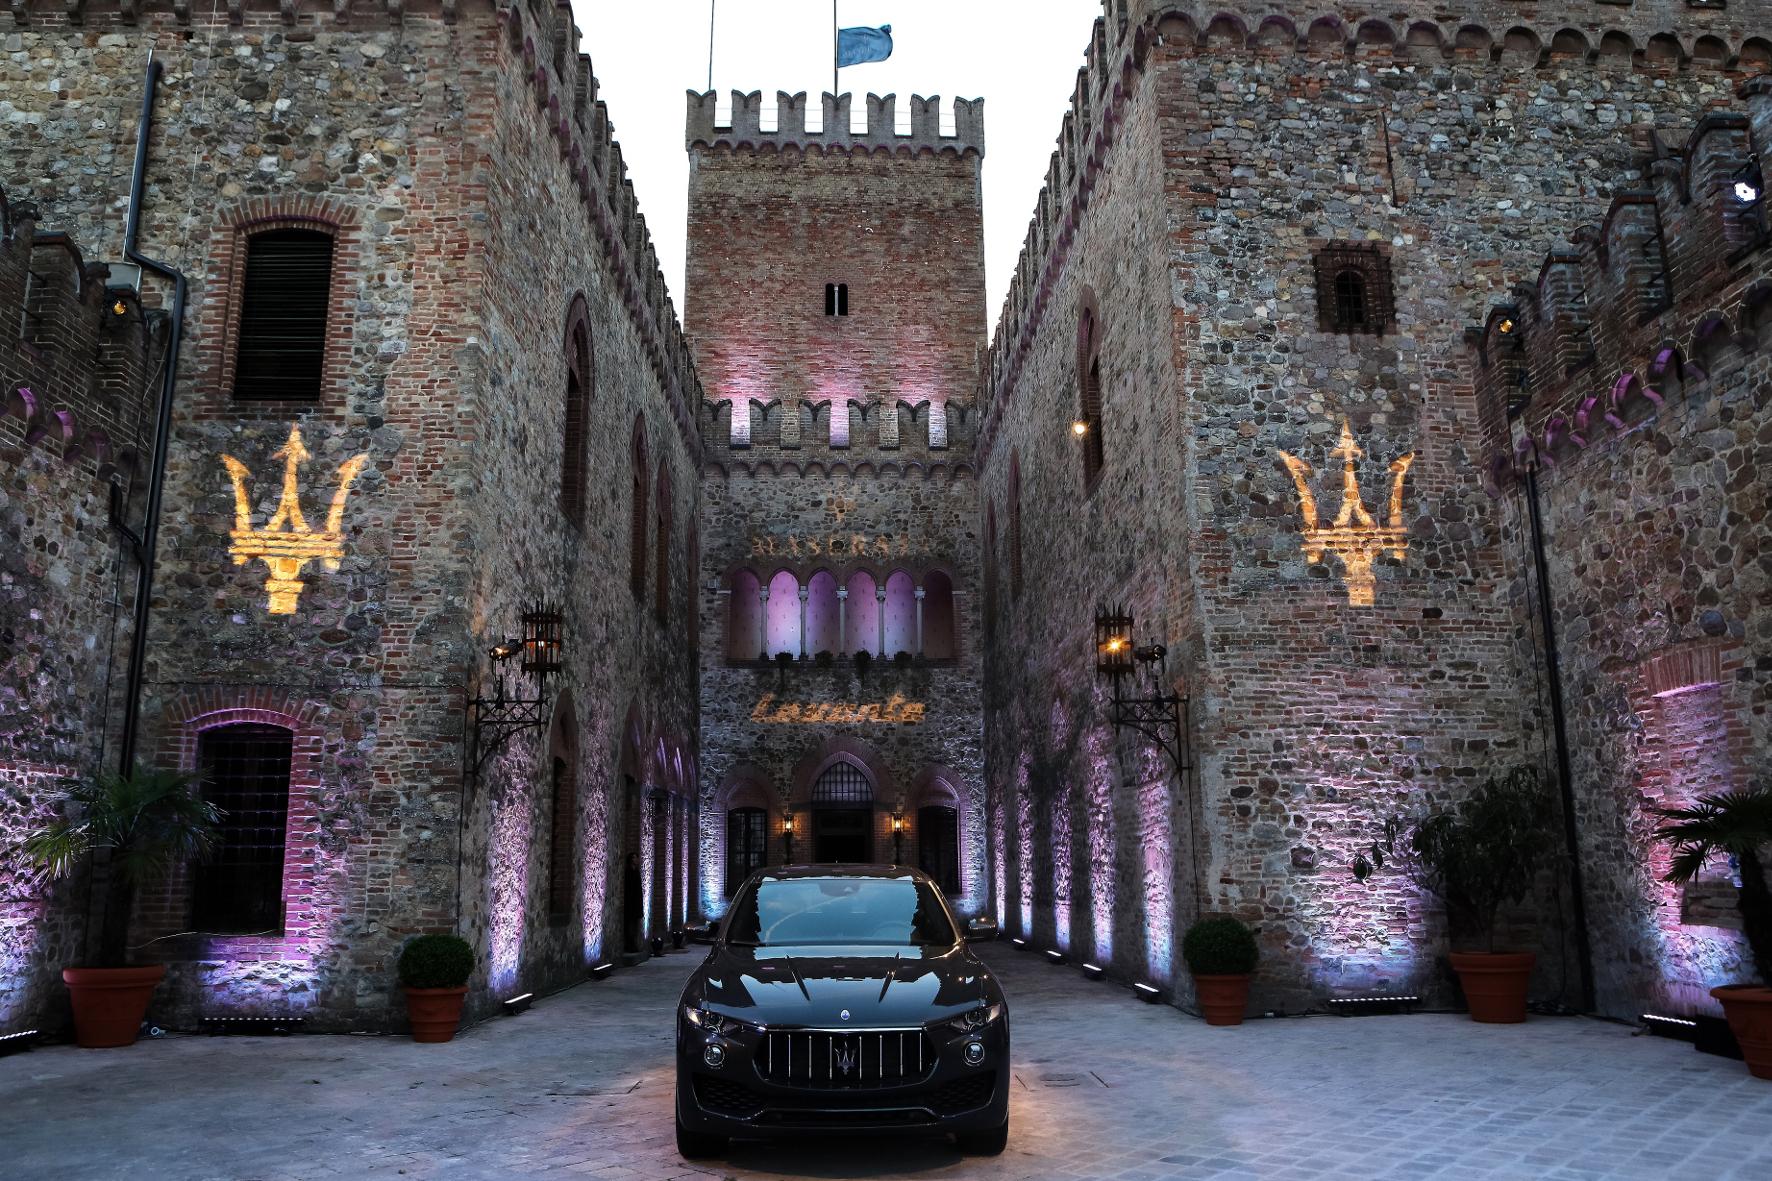 mid Parma - Standesgemäß: Im Tabiano Castella macht das Luxus-SUV der italienischen Sportwagen-Marke Maserati eine gute Figur.